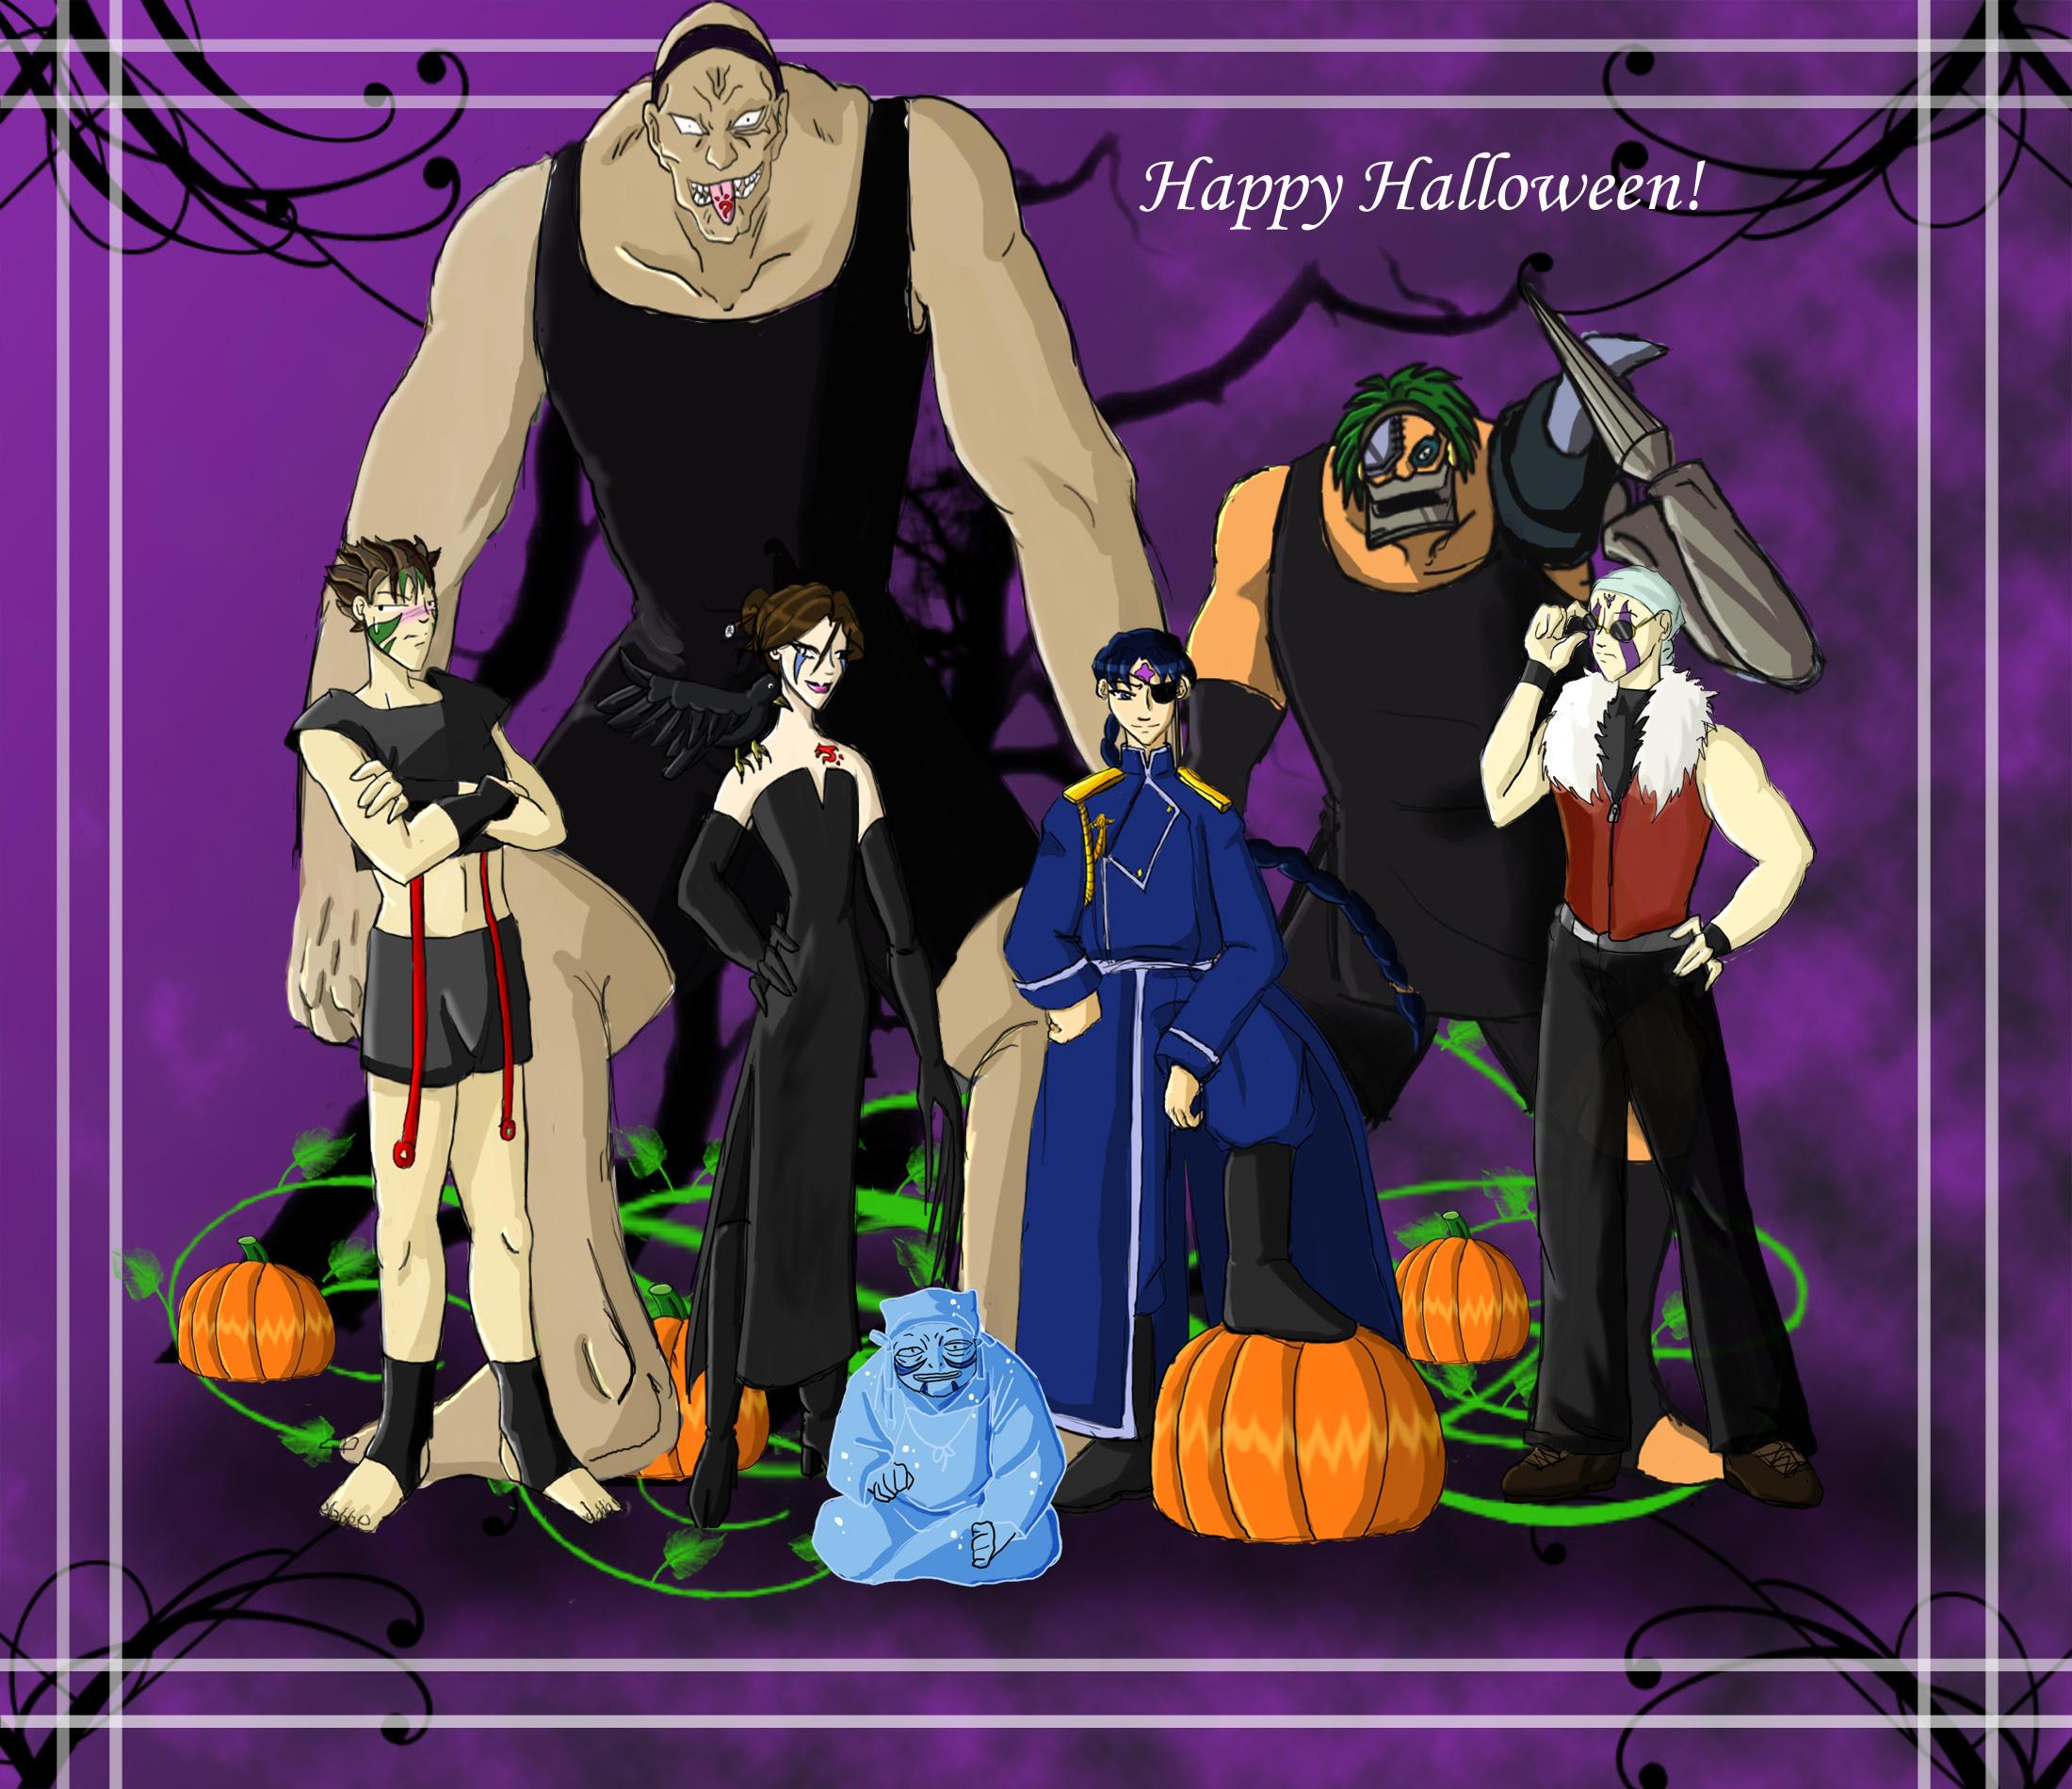 http://fc09.deviantart.net/fs12/i/2006/303/5/3/Shichinintai_Halloween_by_VegaSailor.jpg